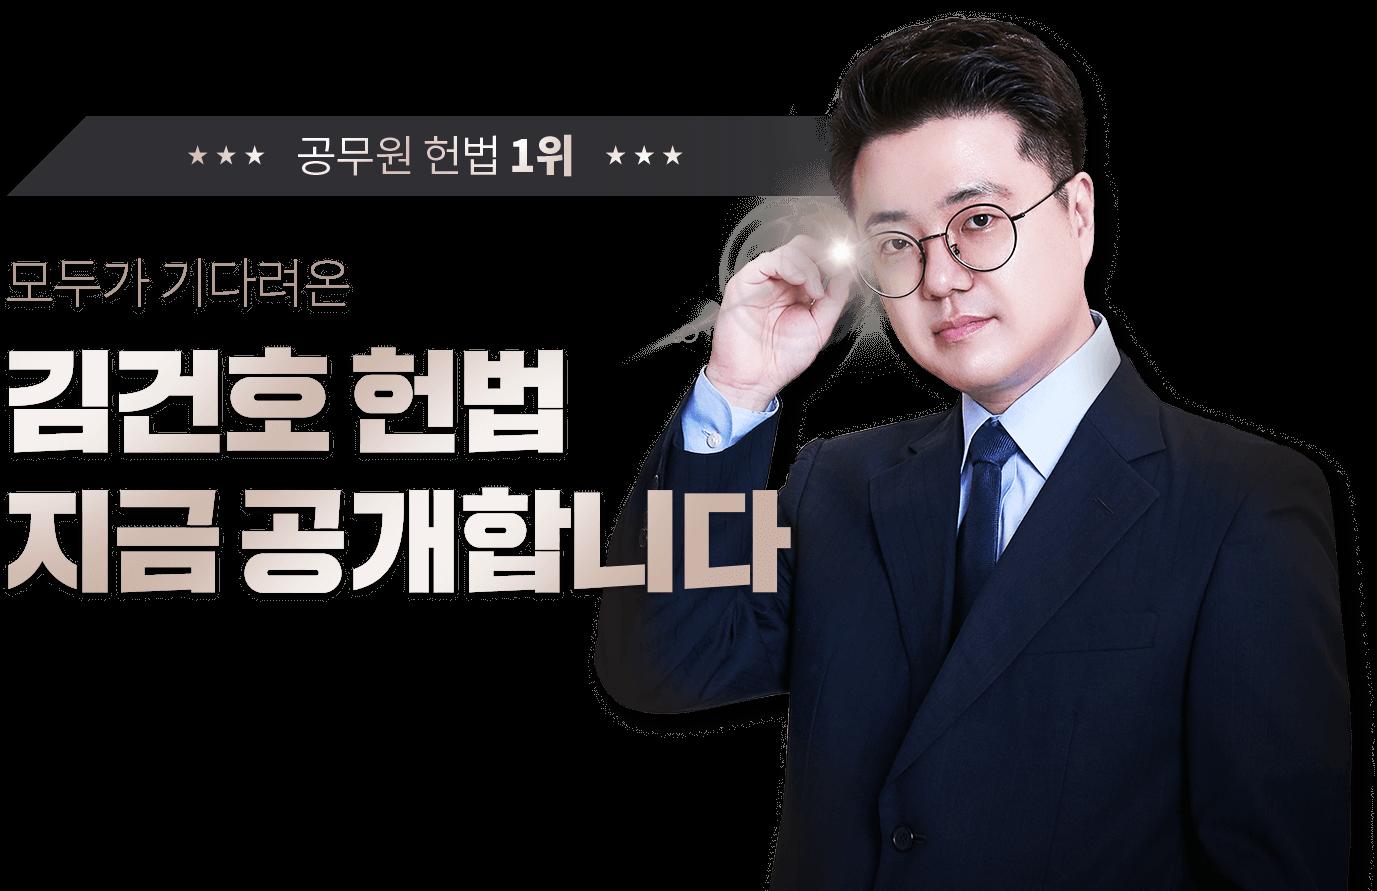 모두가 기다려온 김건호 헌법 지금 공개합니다.